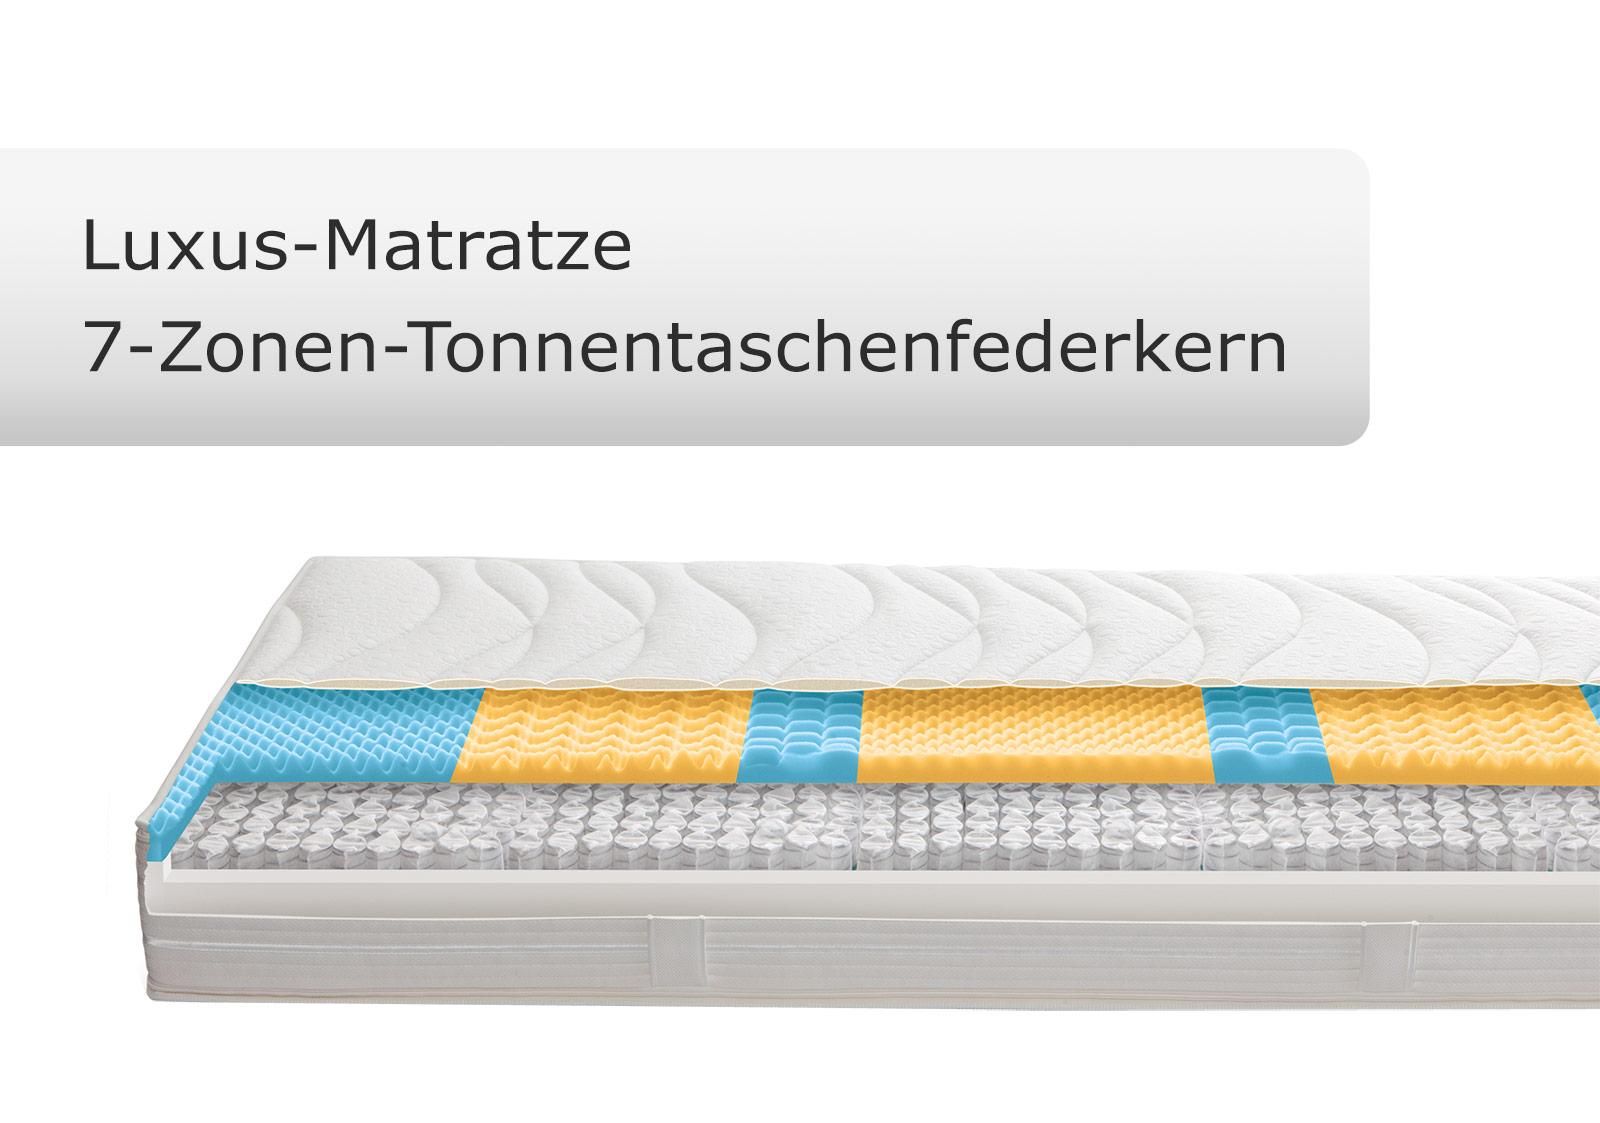 beste anpassungsf higkeit bietet die luxus matratze insbesondere. Black Bedroom Furniture Sets. Home Design Ideas